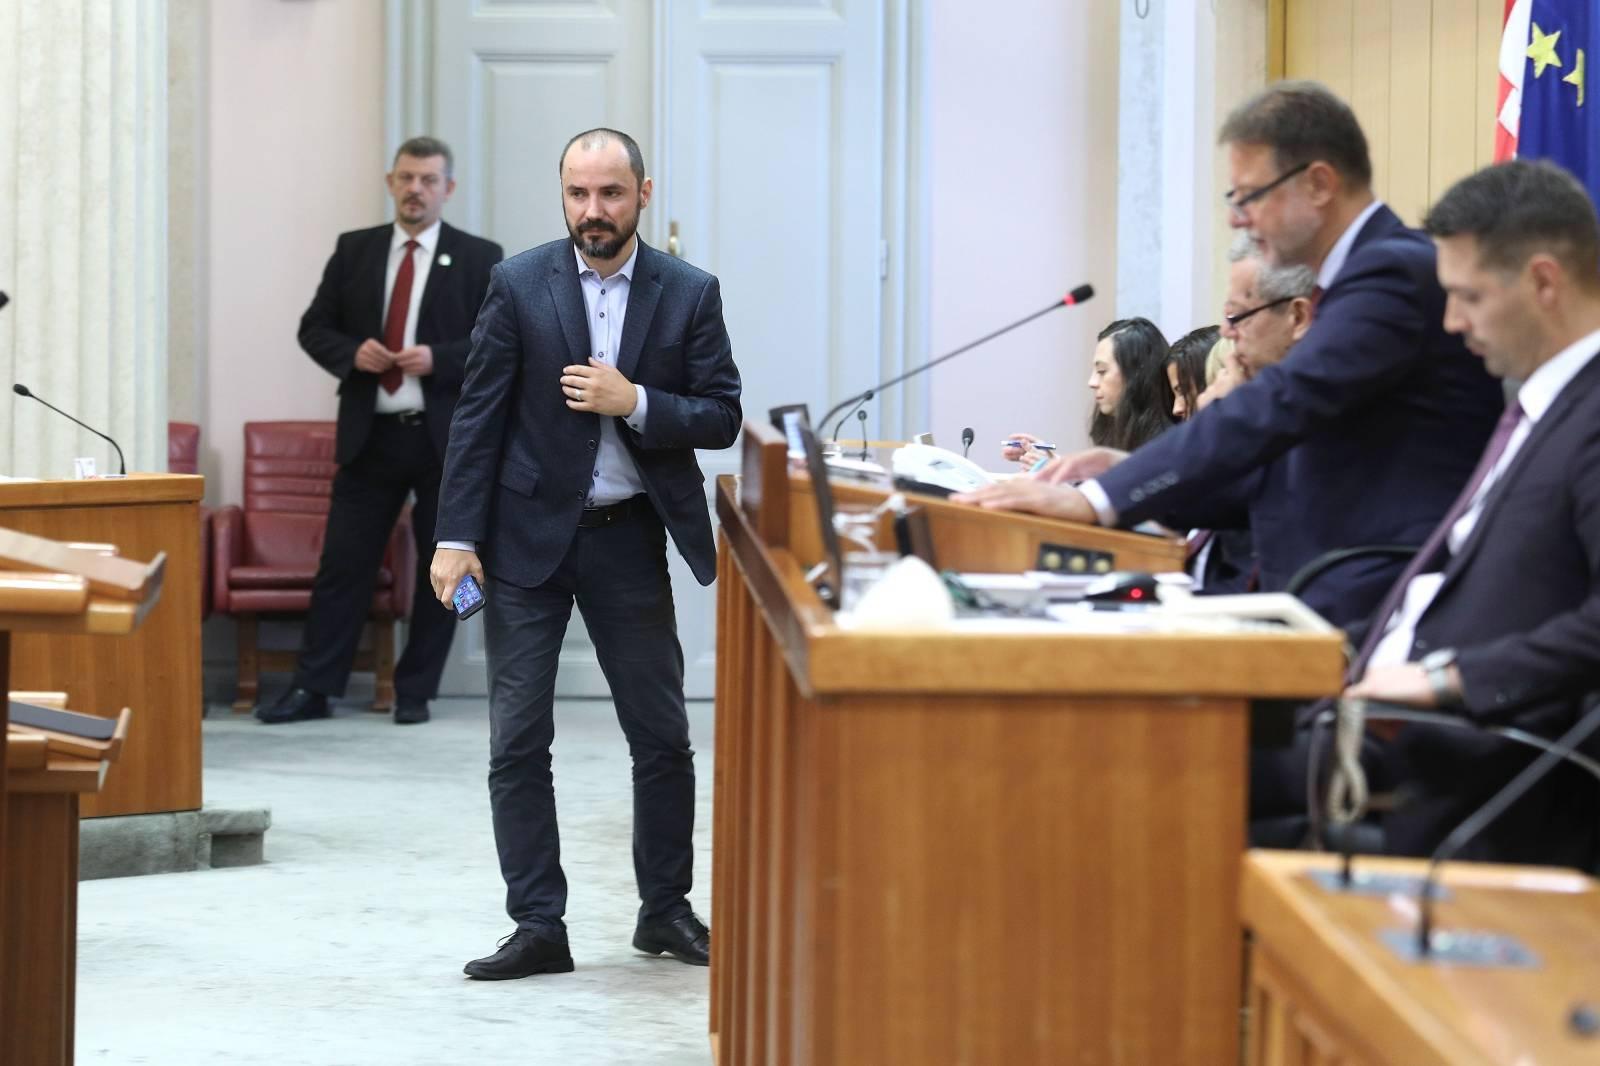 Zagreb: Rasprava o Prijedlogu zakona o izmjenama i dopunama Zakona o obrtu